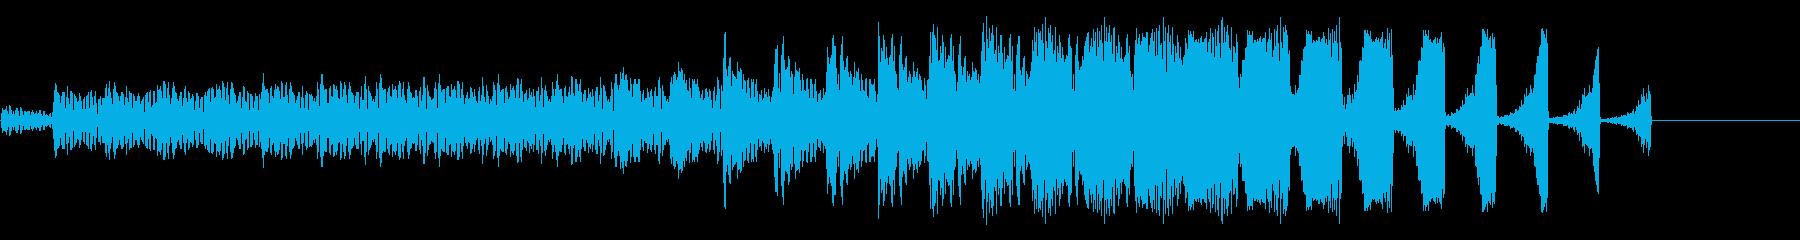 電子アクセント、メタルヒット、エコ...の再生済みの波形